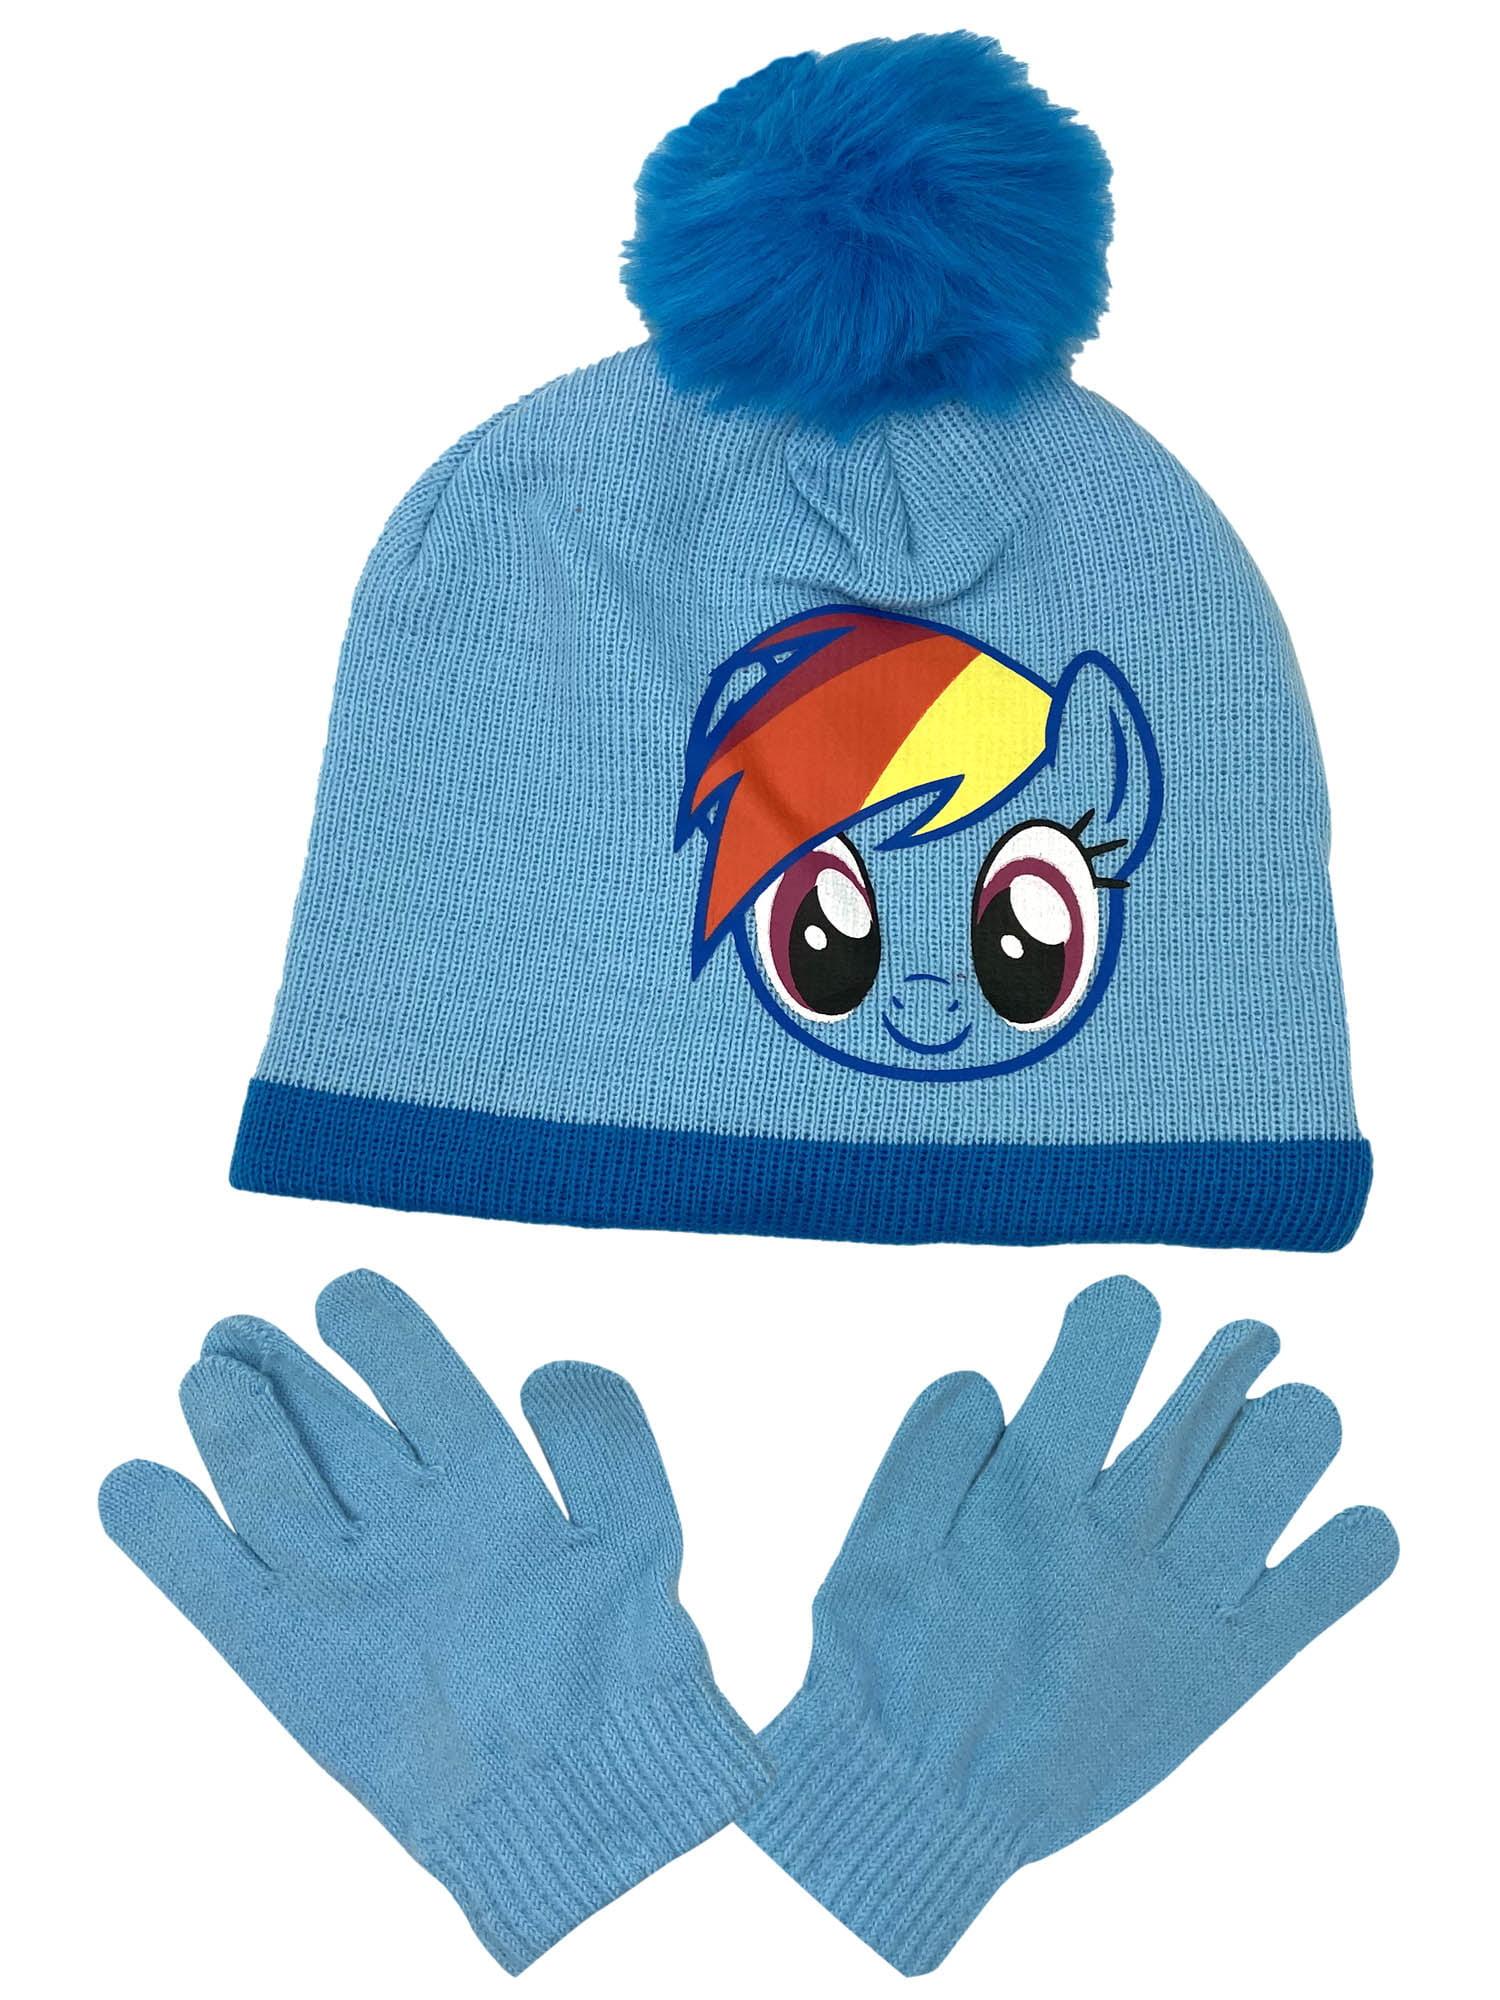 Girls LOL Surprise Blue Beanie /& Glove Set